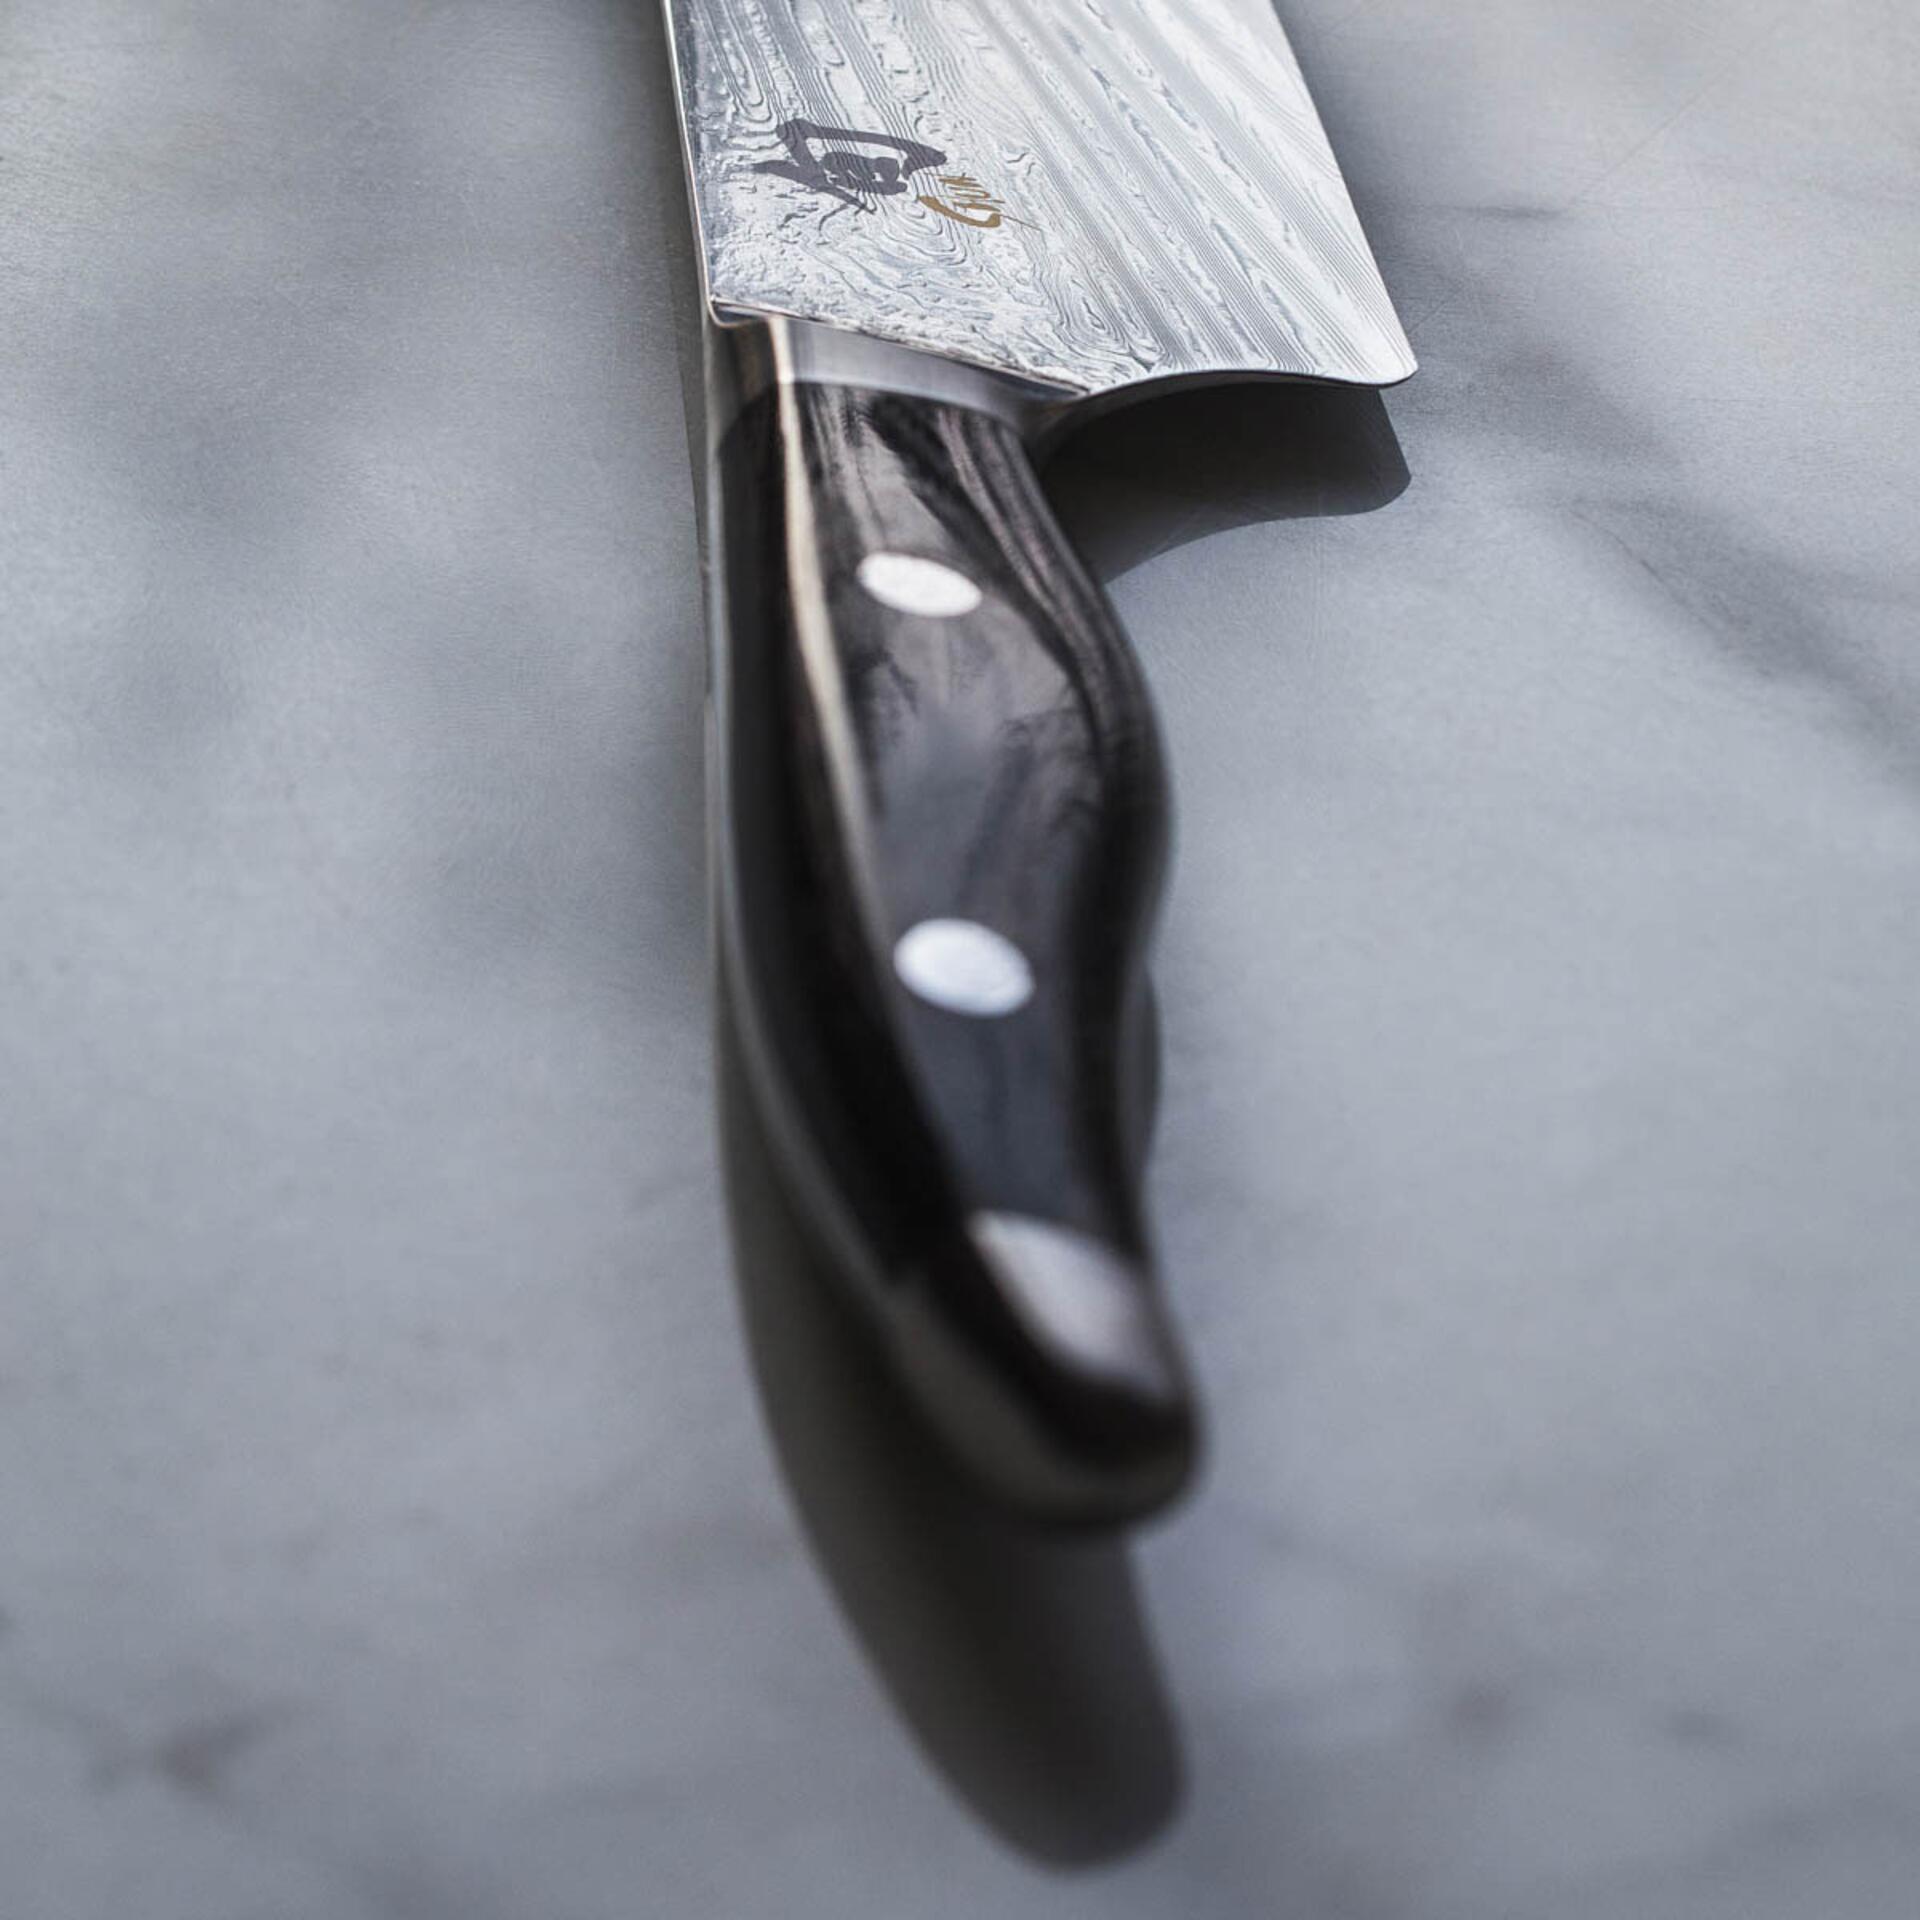 KAI Shun Nagare Kochmesser 20 cm NDC-0706